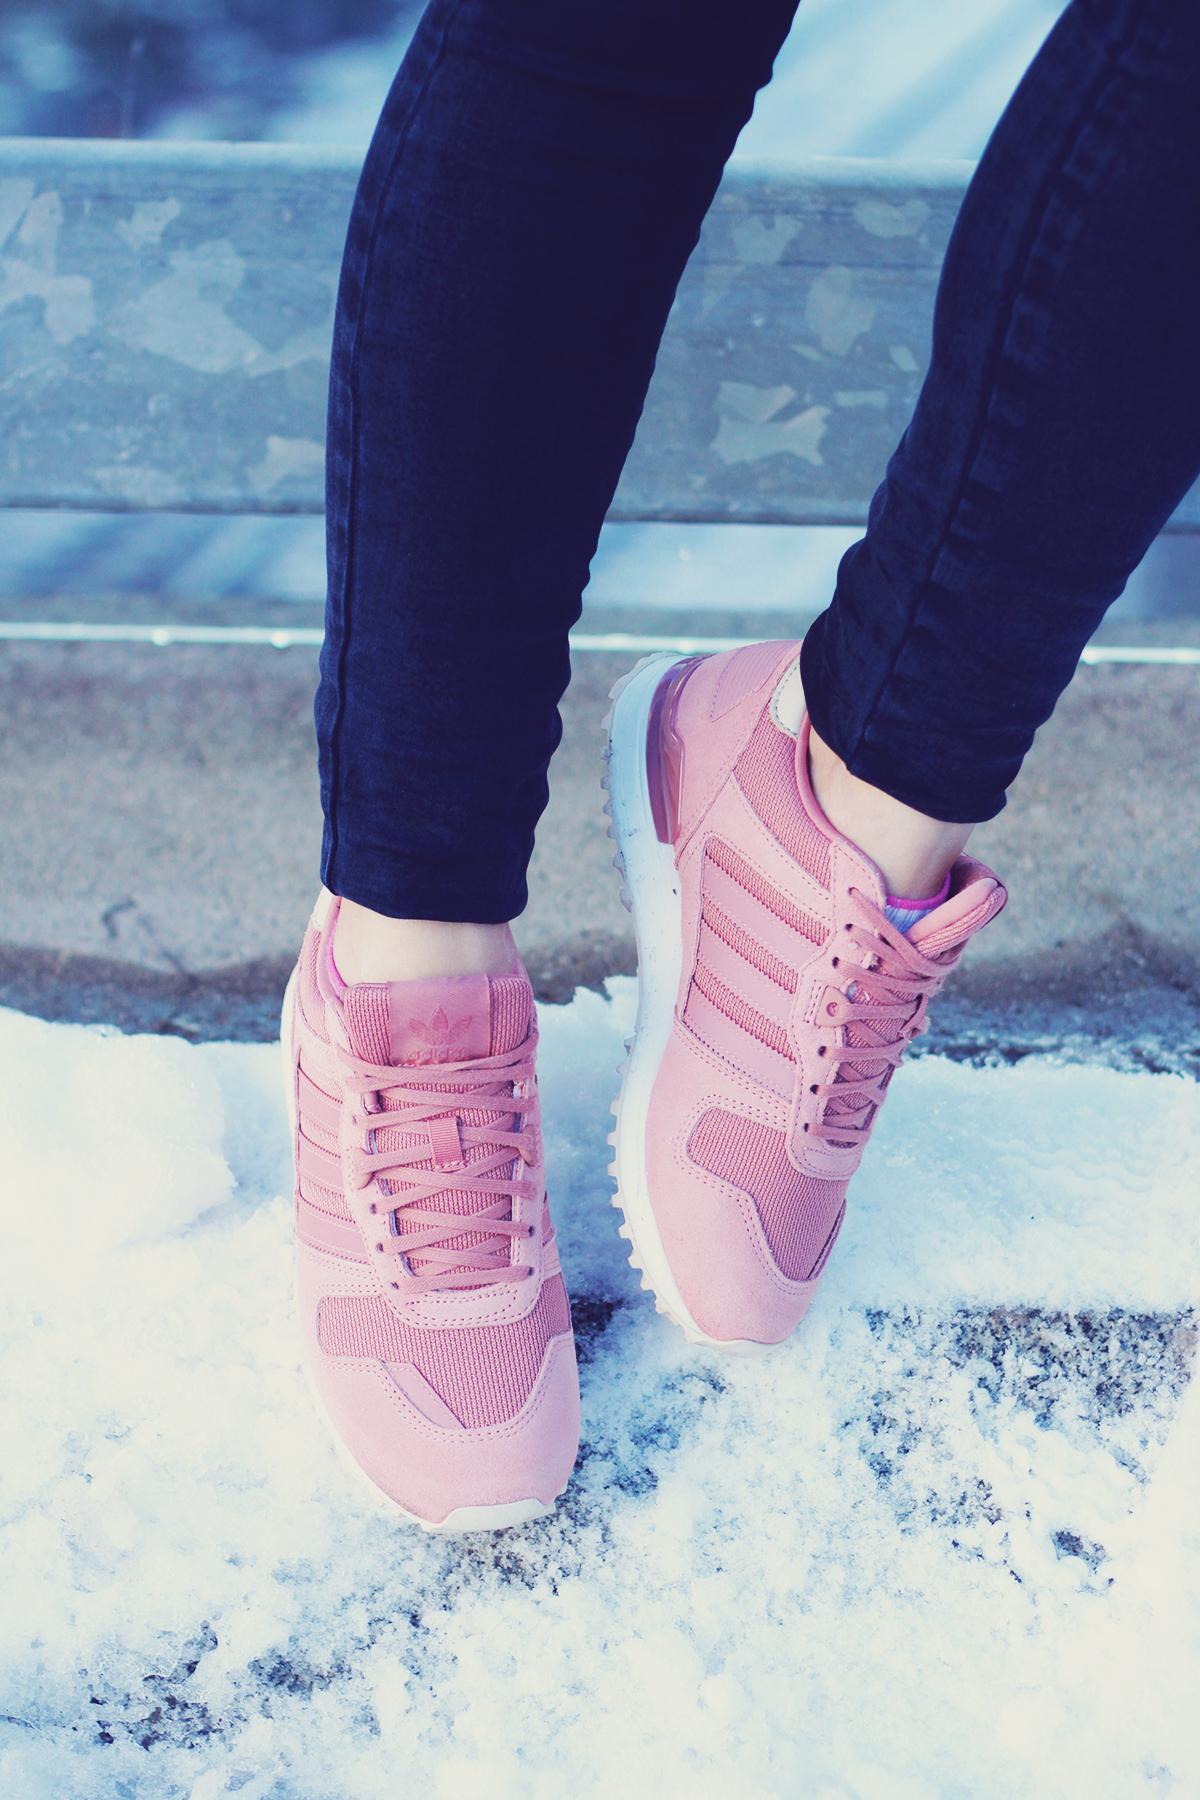 winter fashion, pink adidas originals, jeans, urban landscape, Vienna, snow